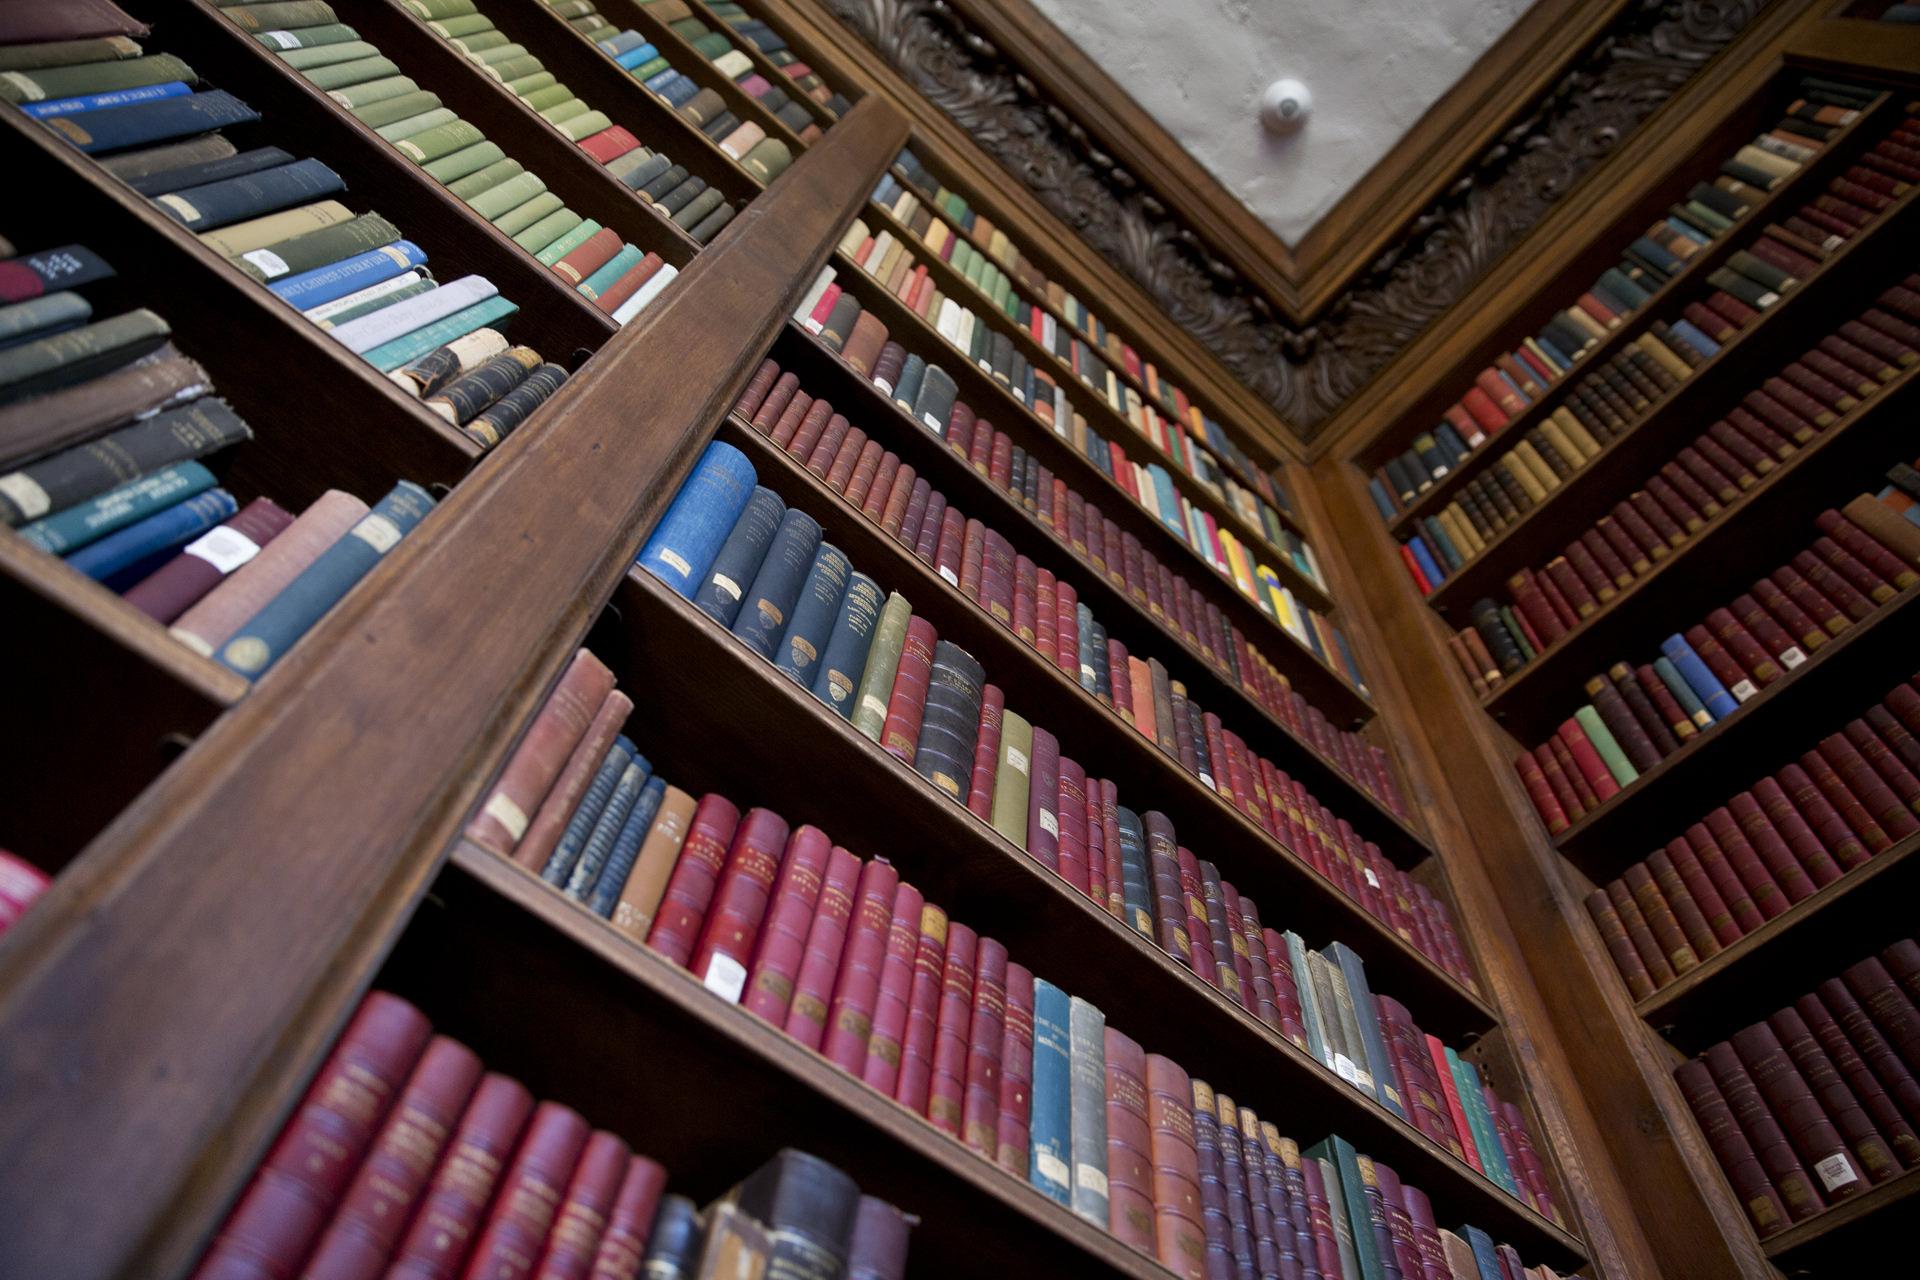 library shelves wallpaper 67821